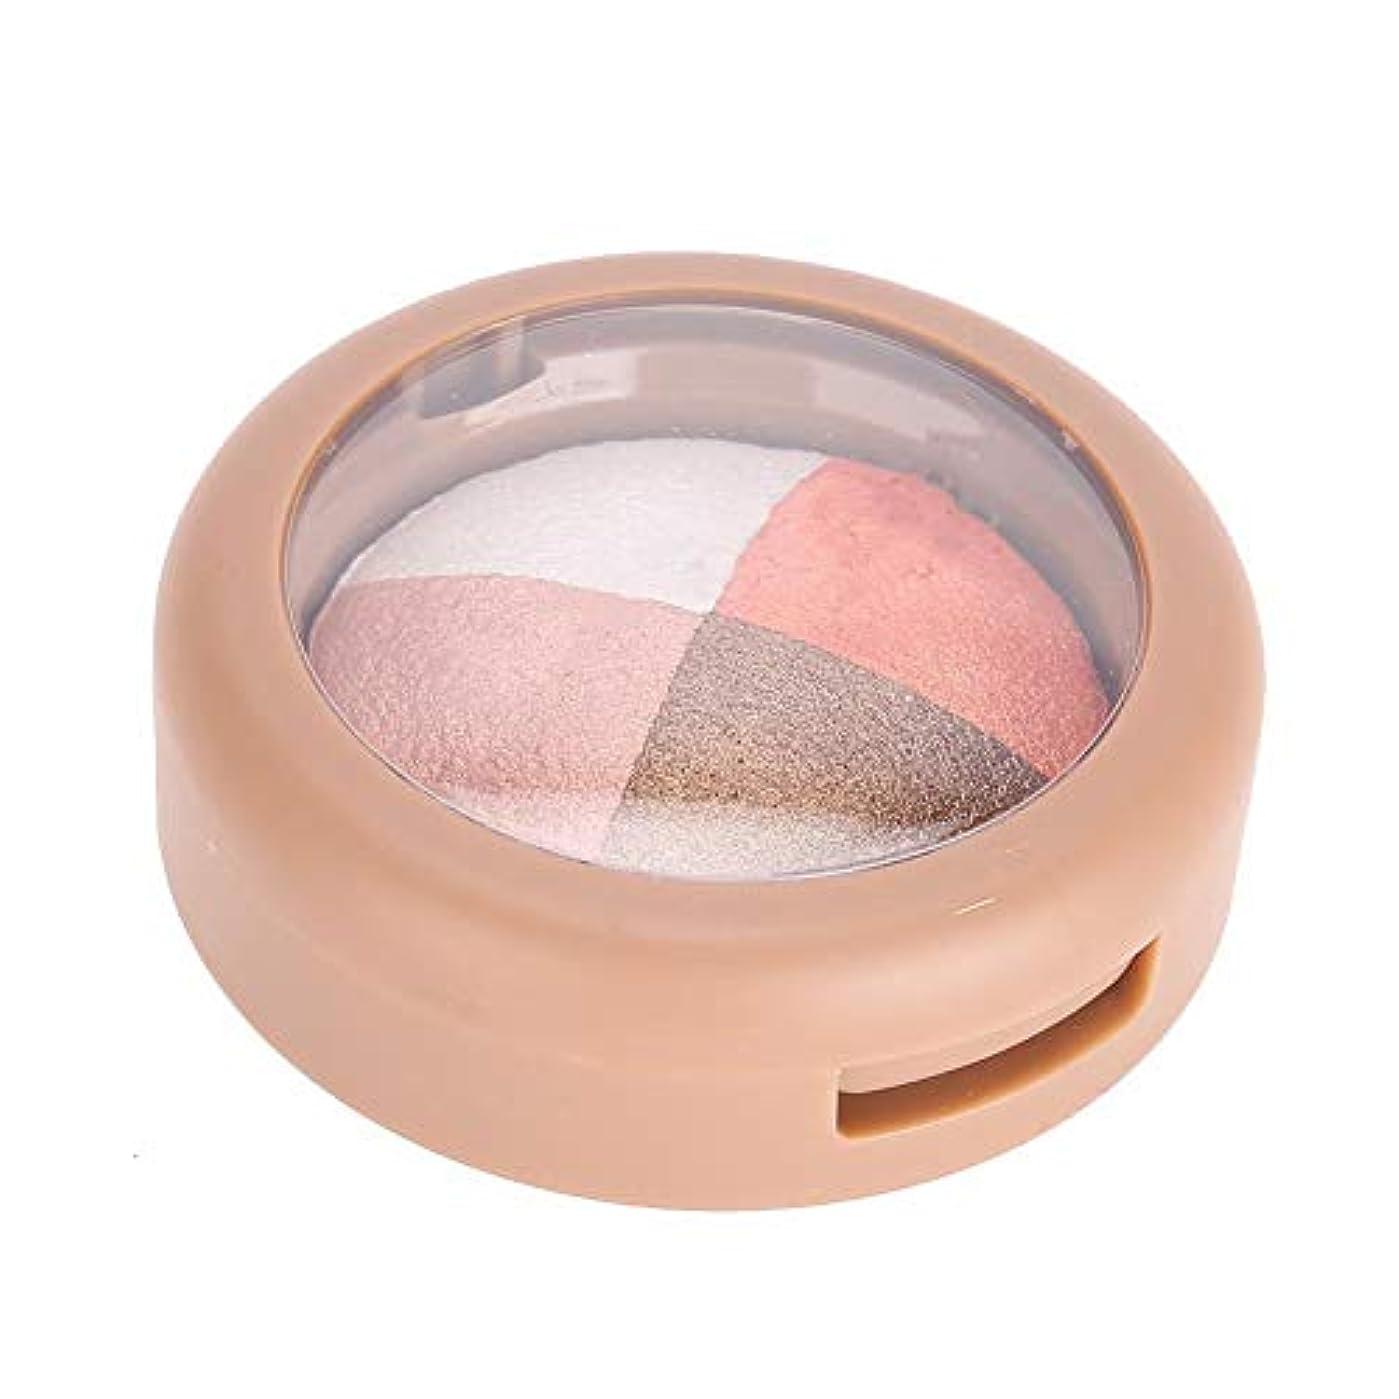 アイシャドウパレット 4色 アイシャドウ高度に着色された目メイク長期的な防水アイシャドウパウダー化粧品(4#)